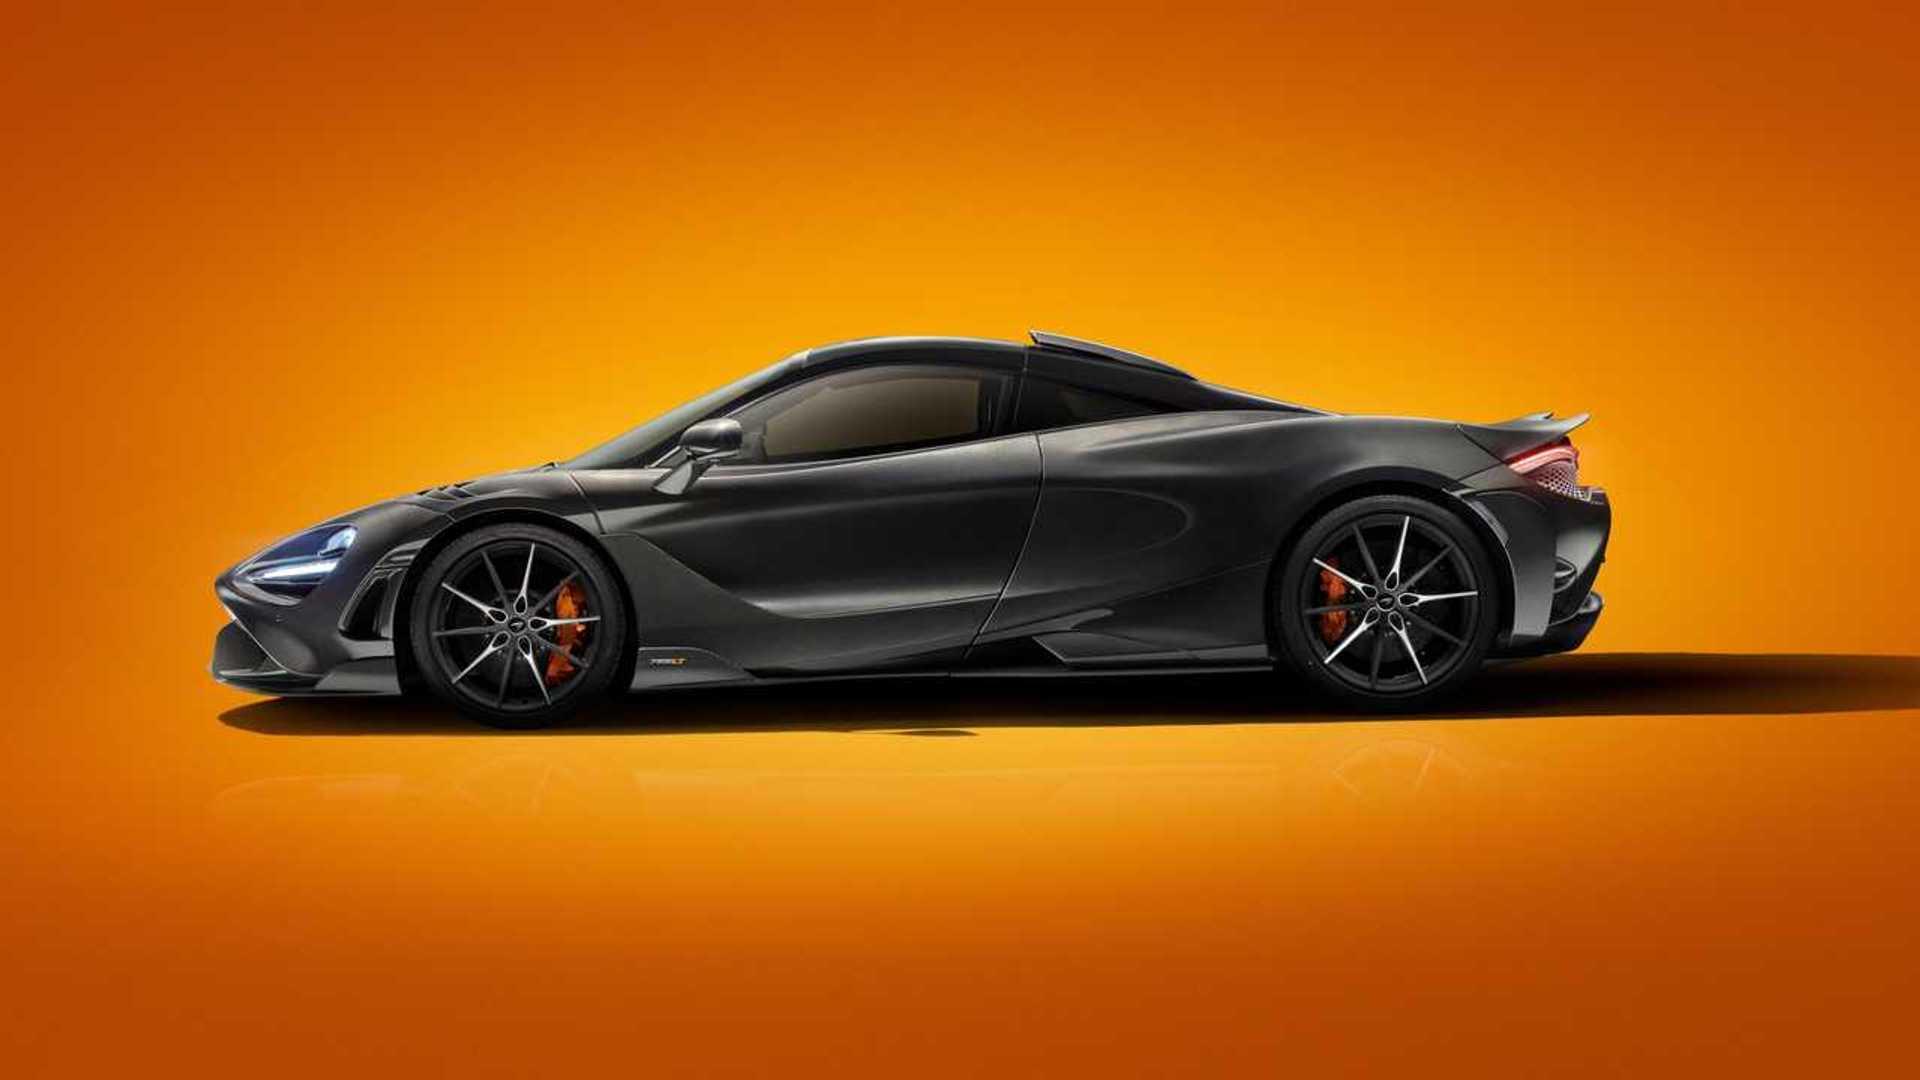 2020 McLaren 765LT Side